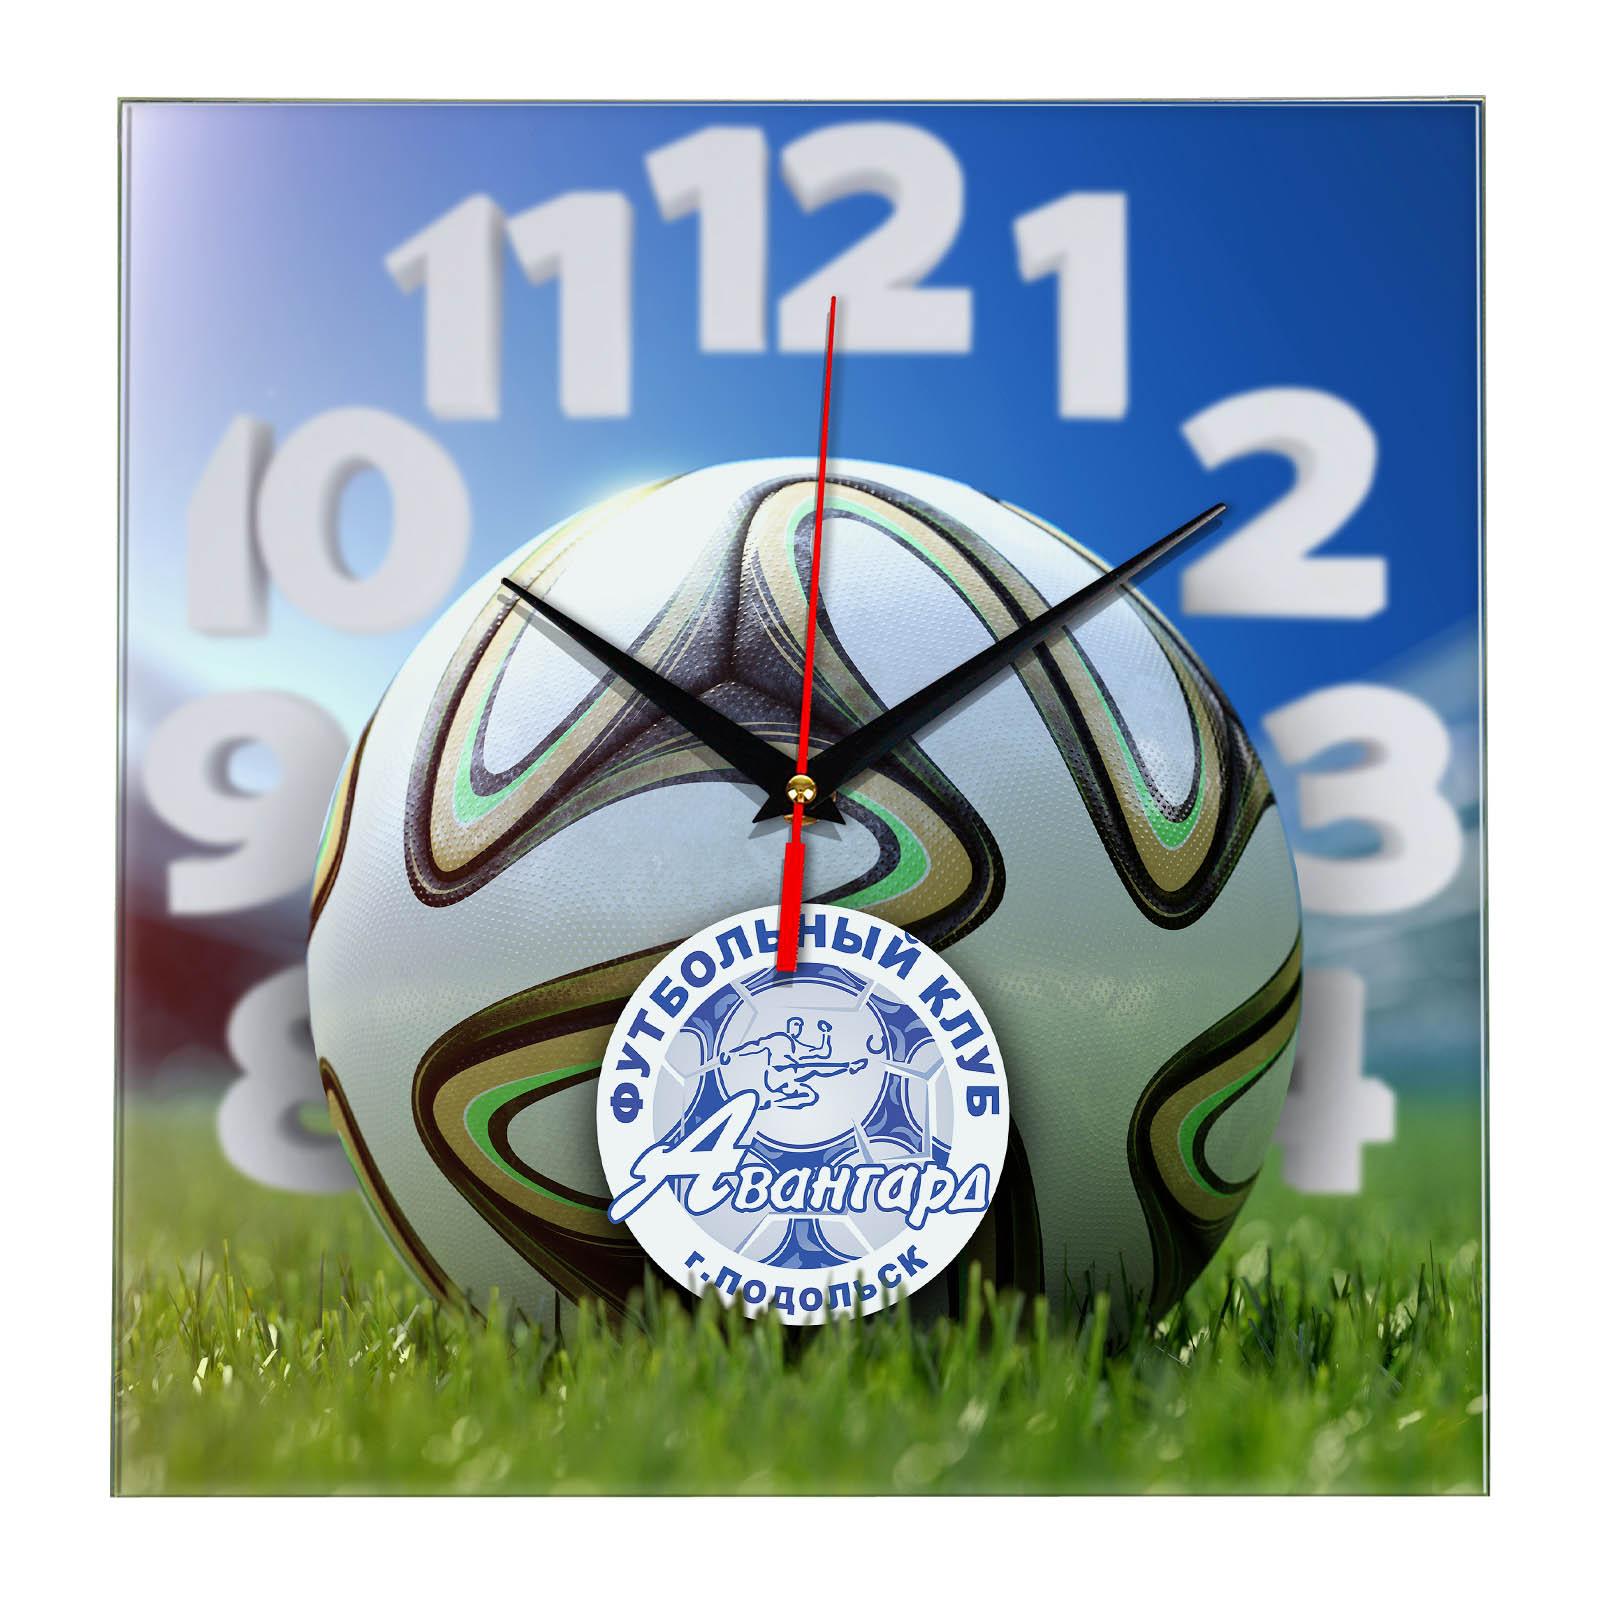 Настенные часы «Podolsk На стадионе AVANGARD PODOLSK»